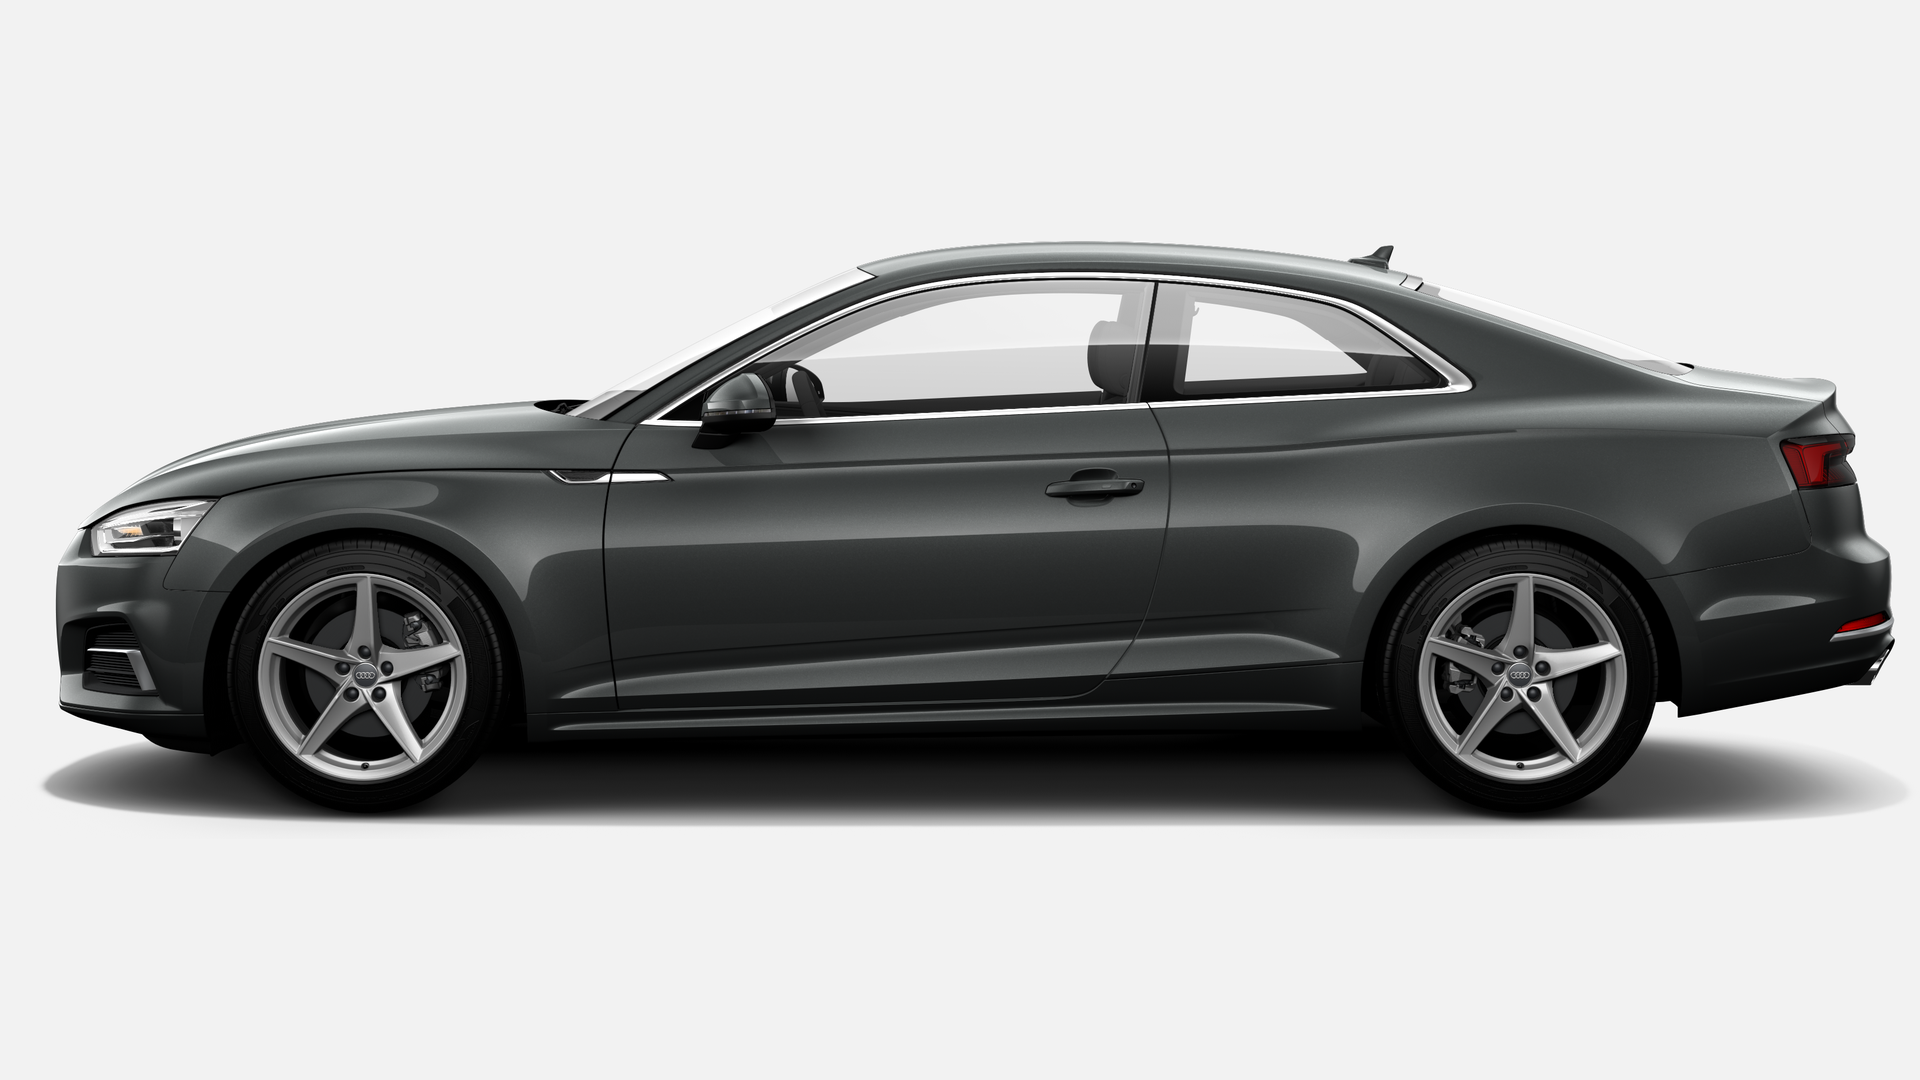 Vista Lateral izquierda de Audi A5 Coupe 2.0 TFSI S line MHEV S tron 140 kW (190 CV)